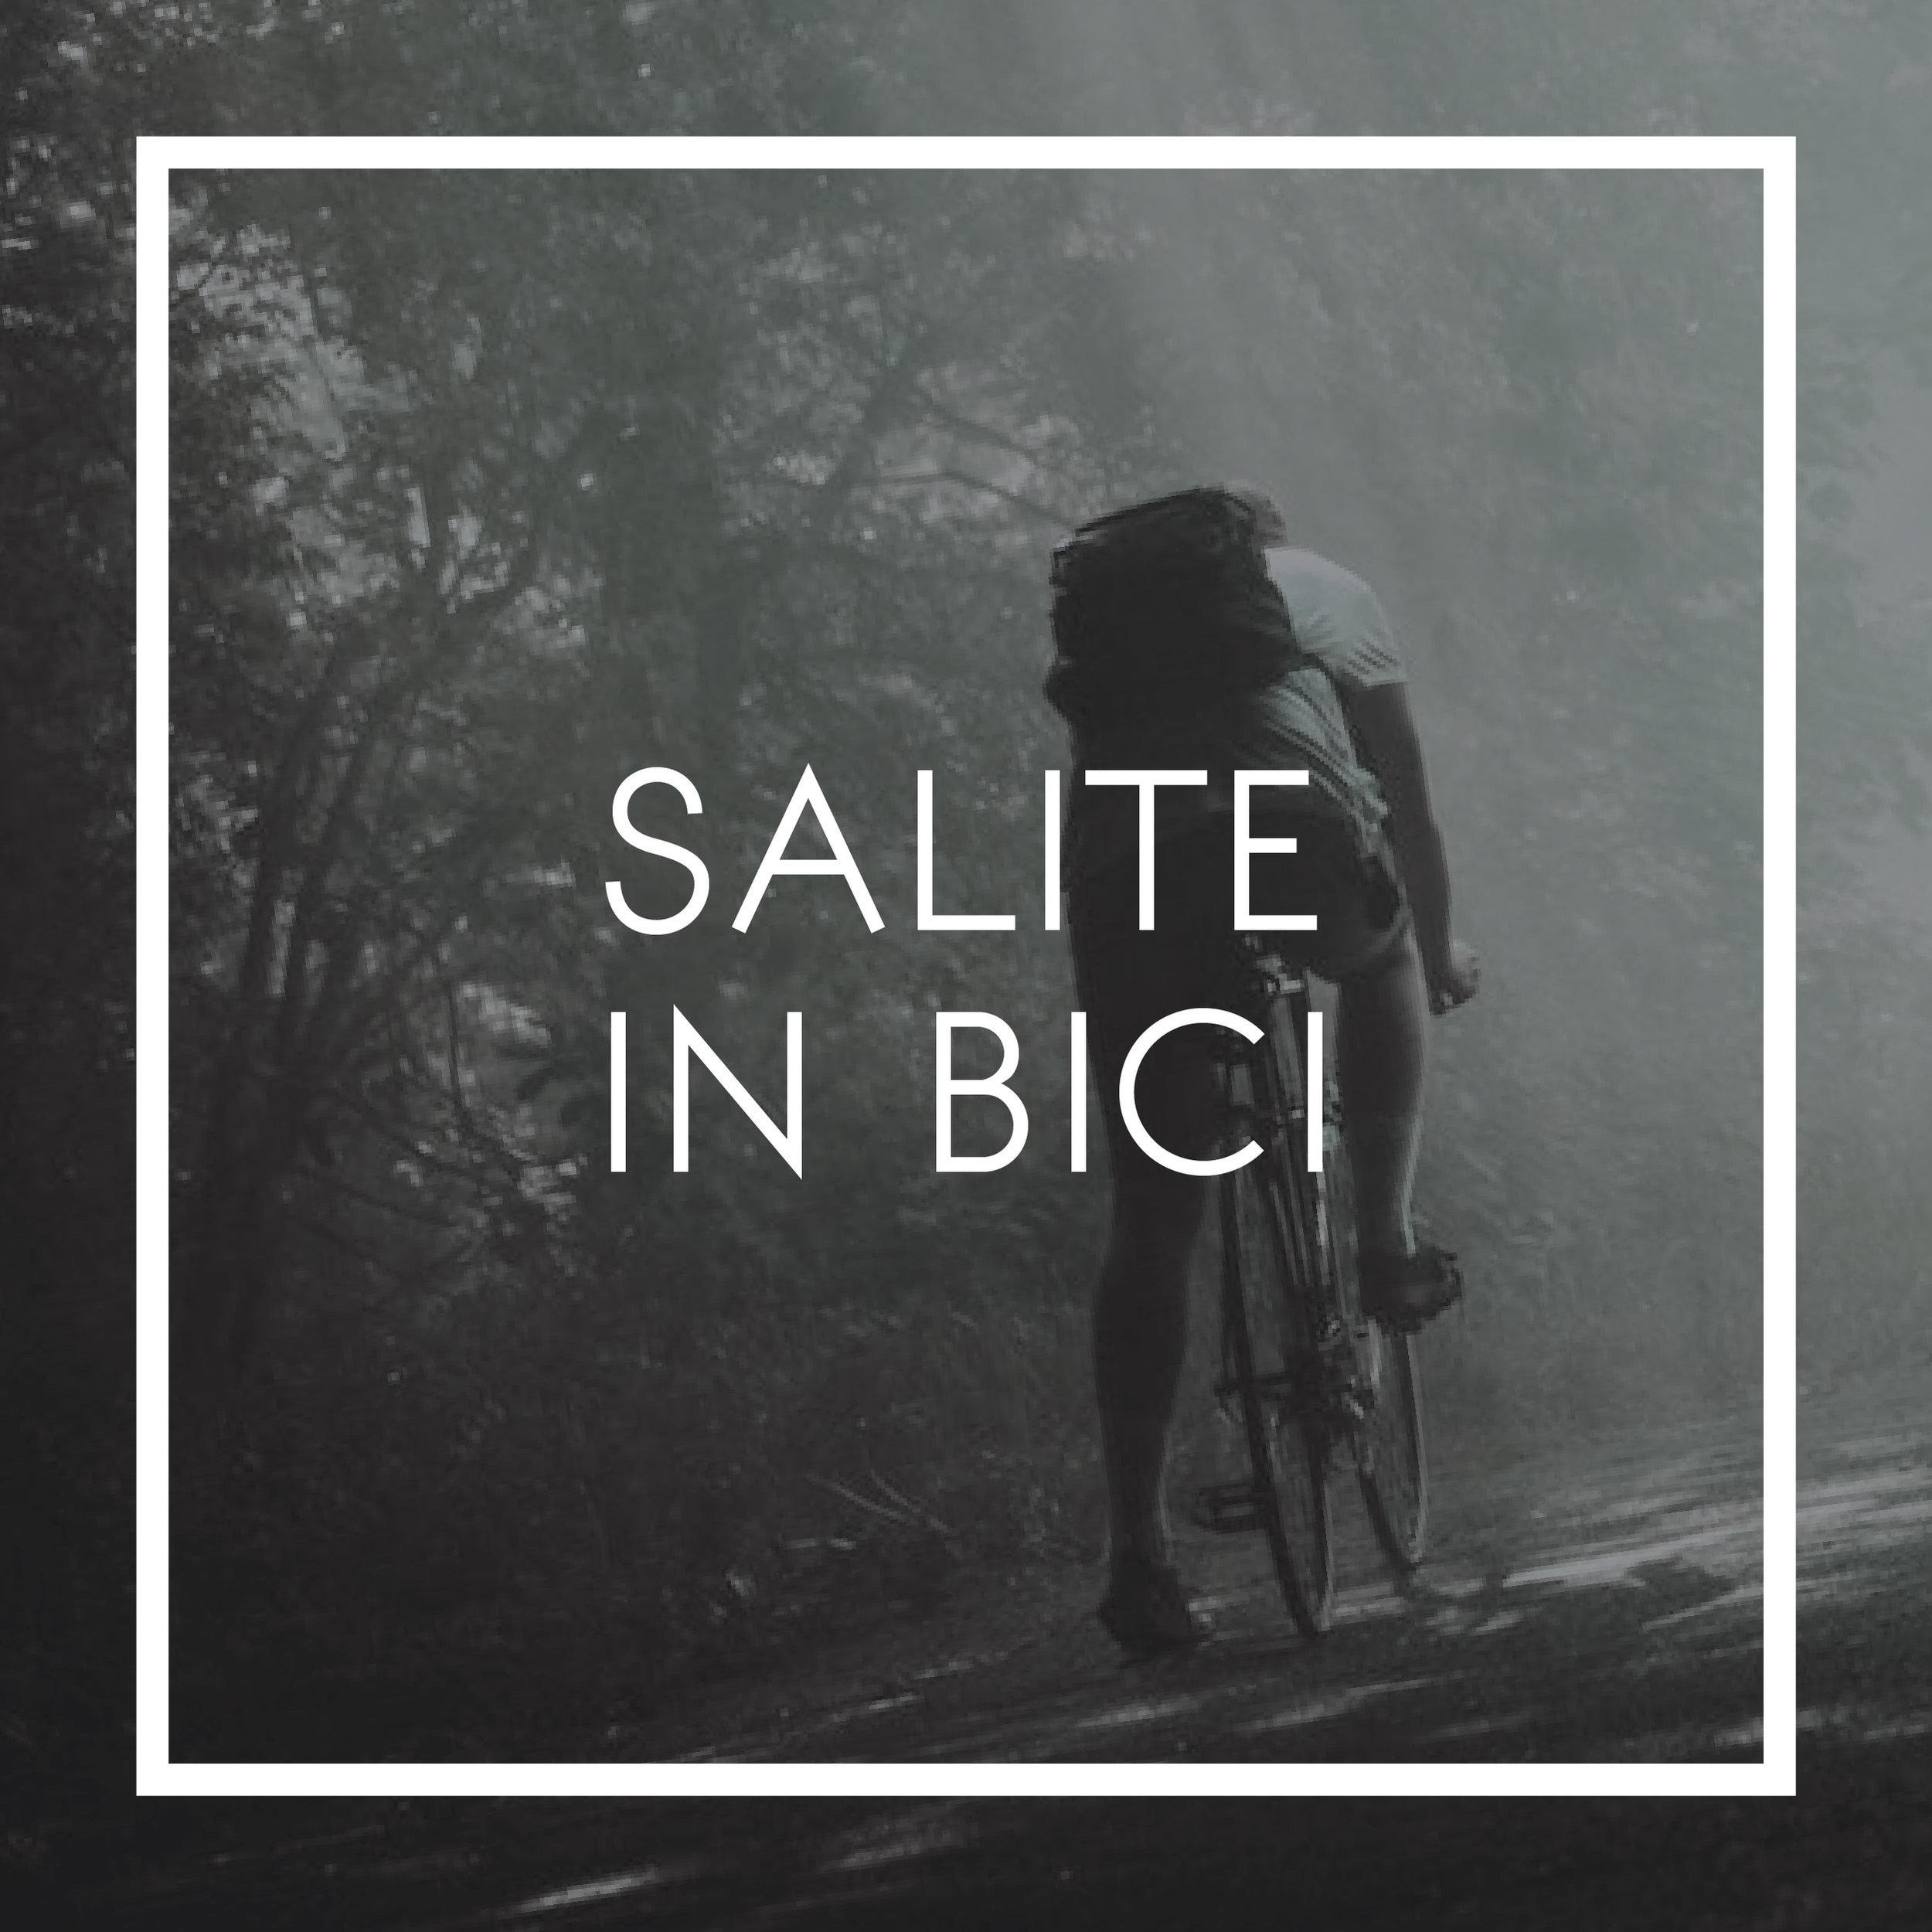 salite_in_bici.jpg